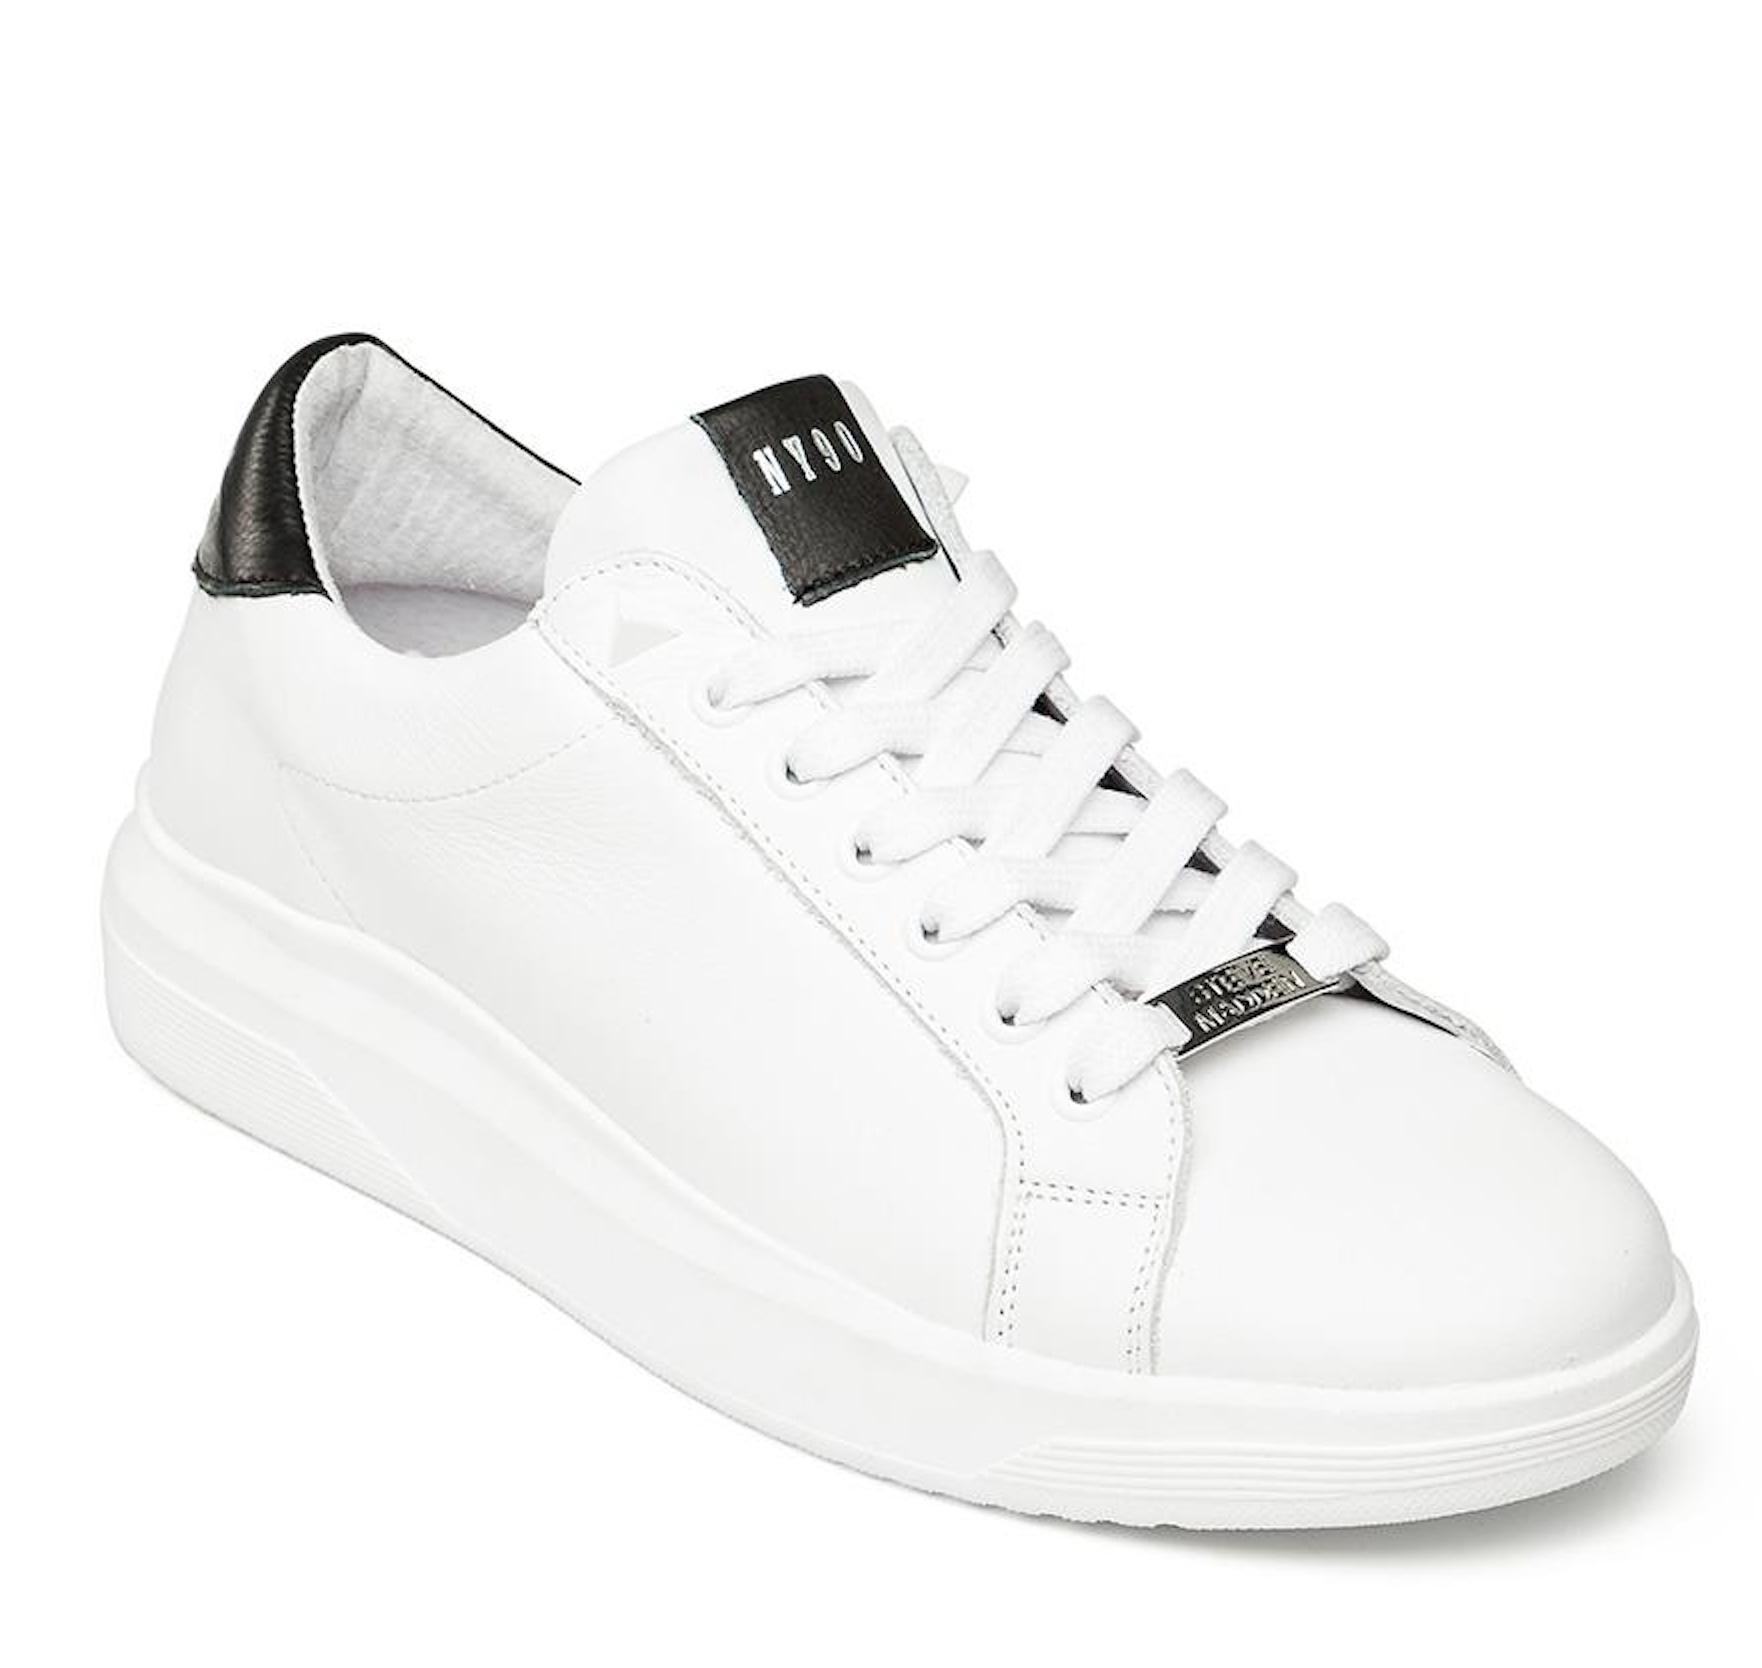 STEVE MADDEN ALEX White Leather